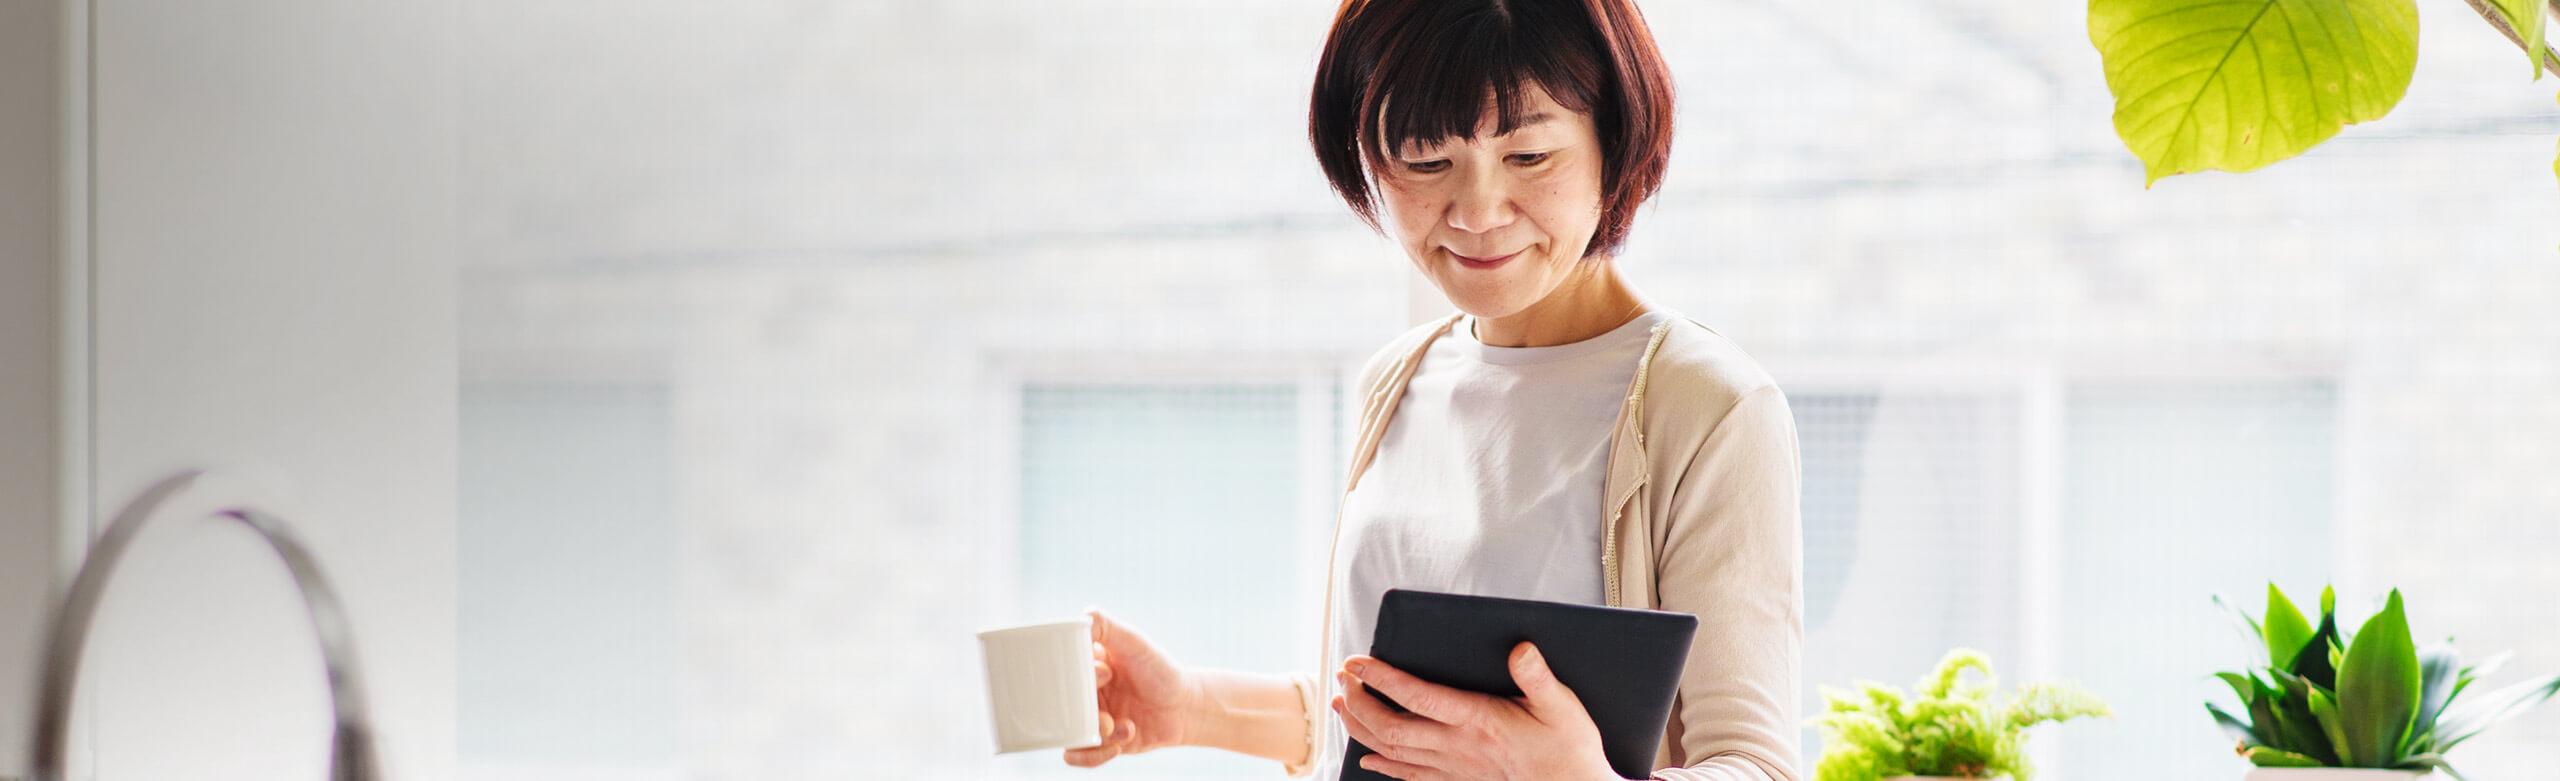 Mulher segurando uma caneca e um tablet